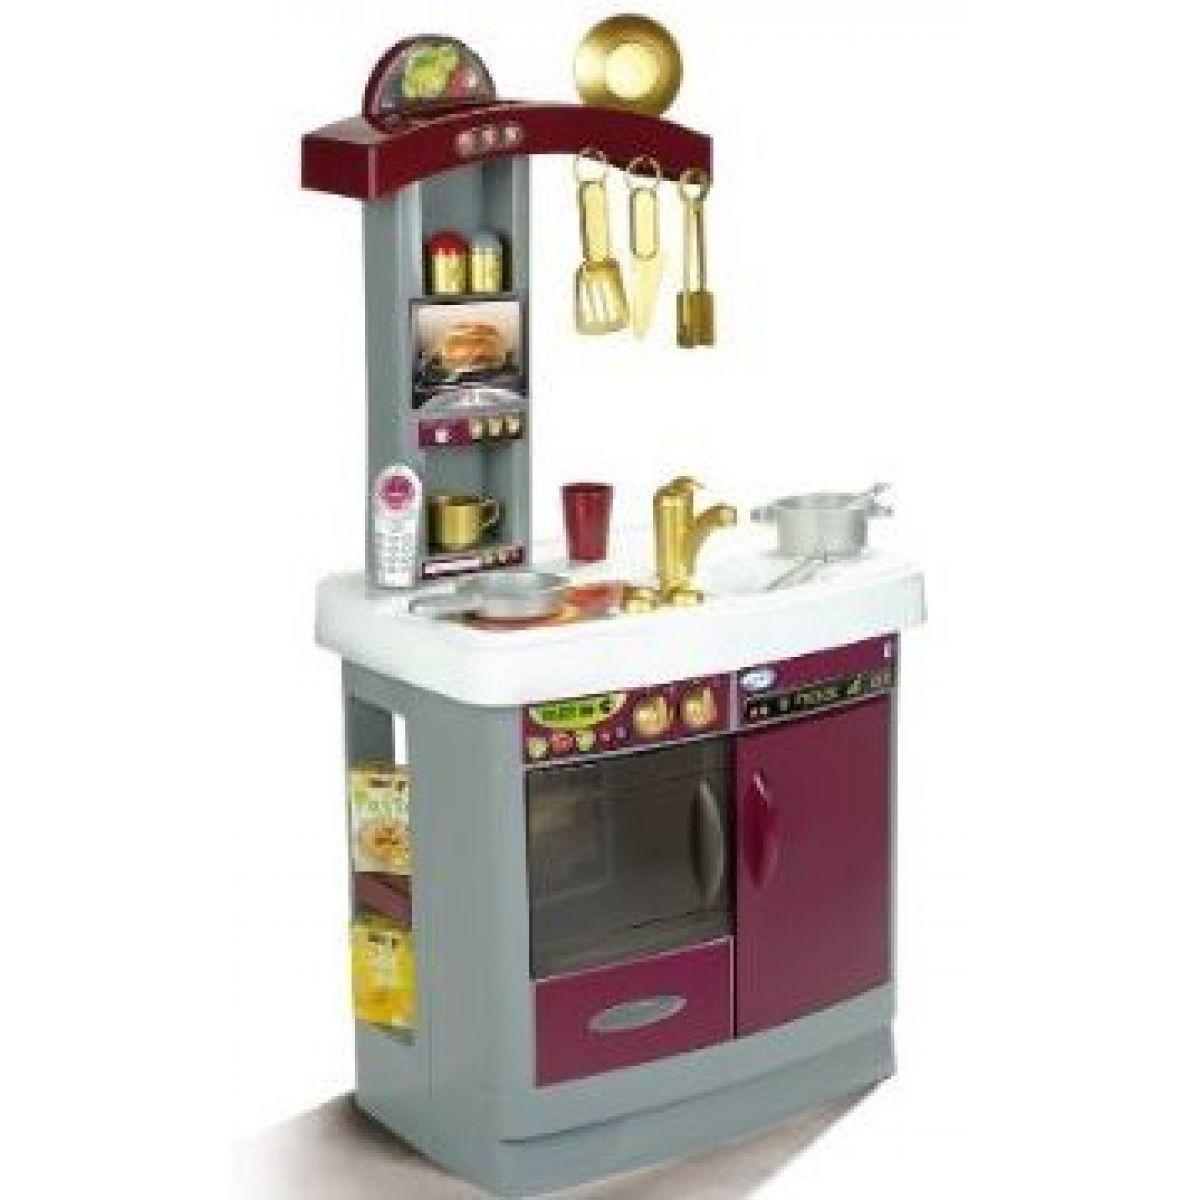 Kuchyňka Tefal Bon Appetit Smoby 024455